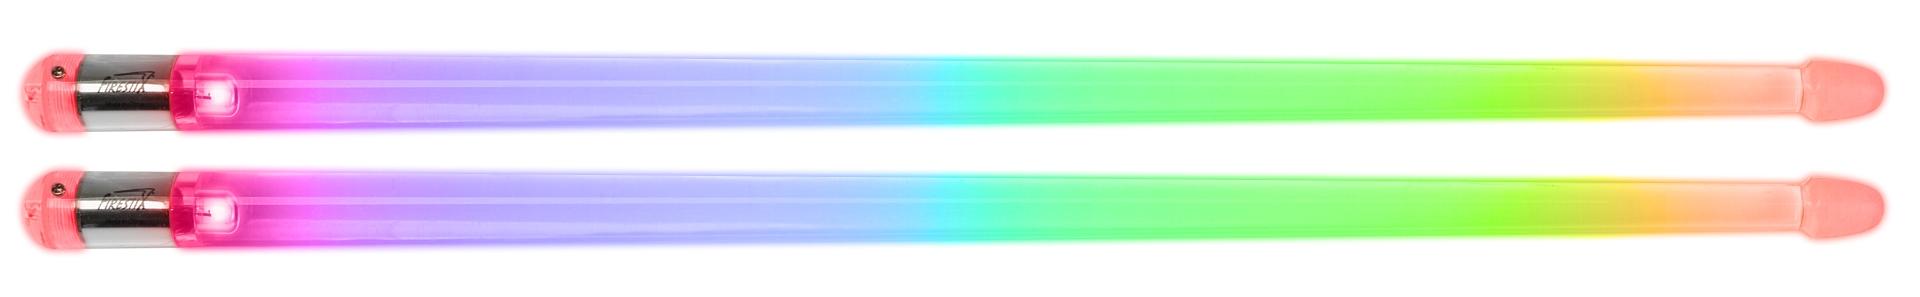 FIRESTIX Colour Change